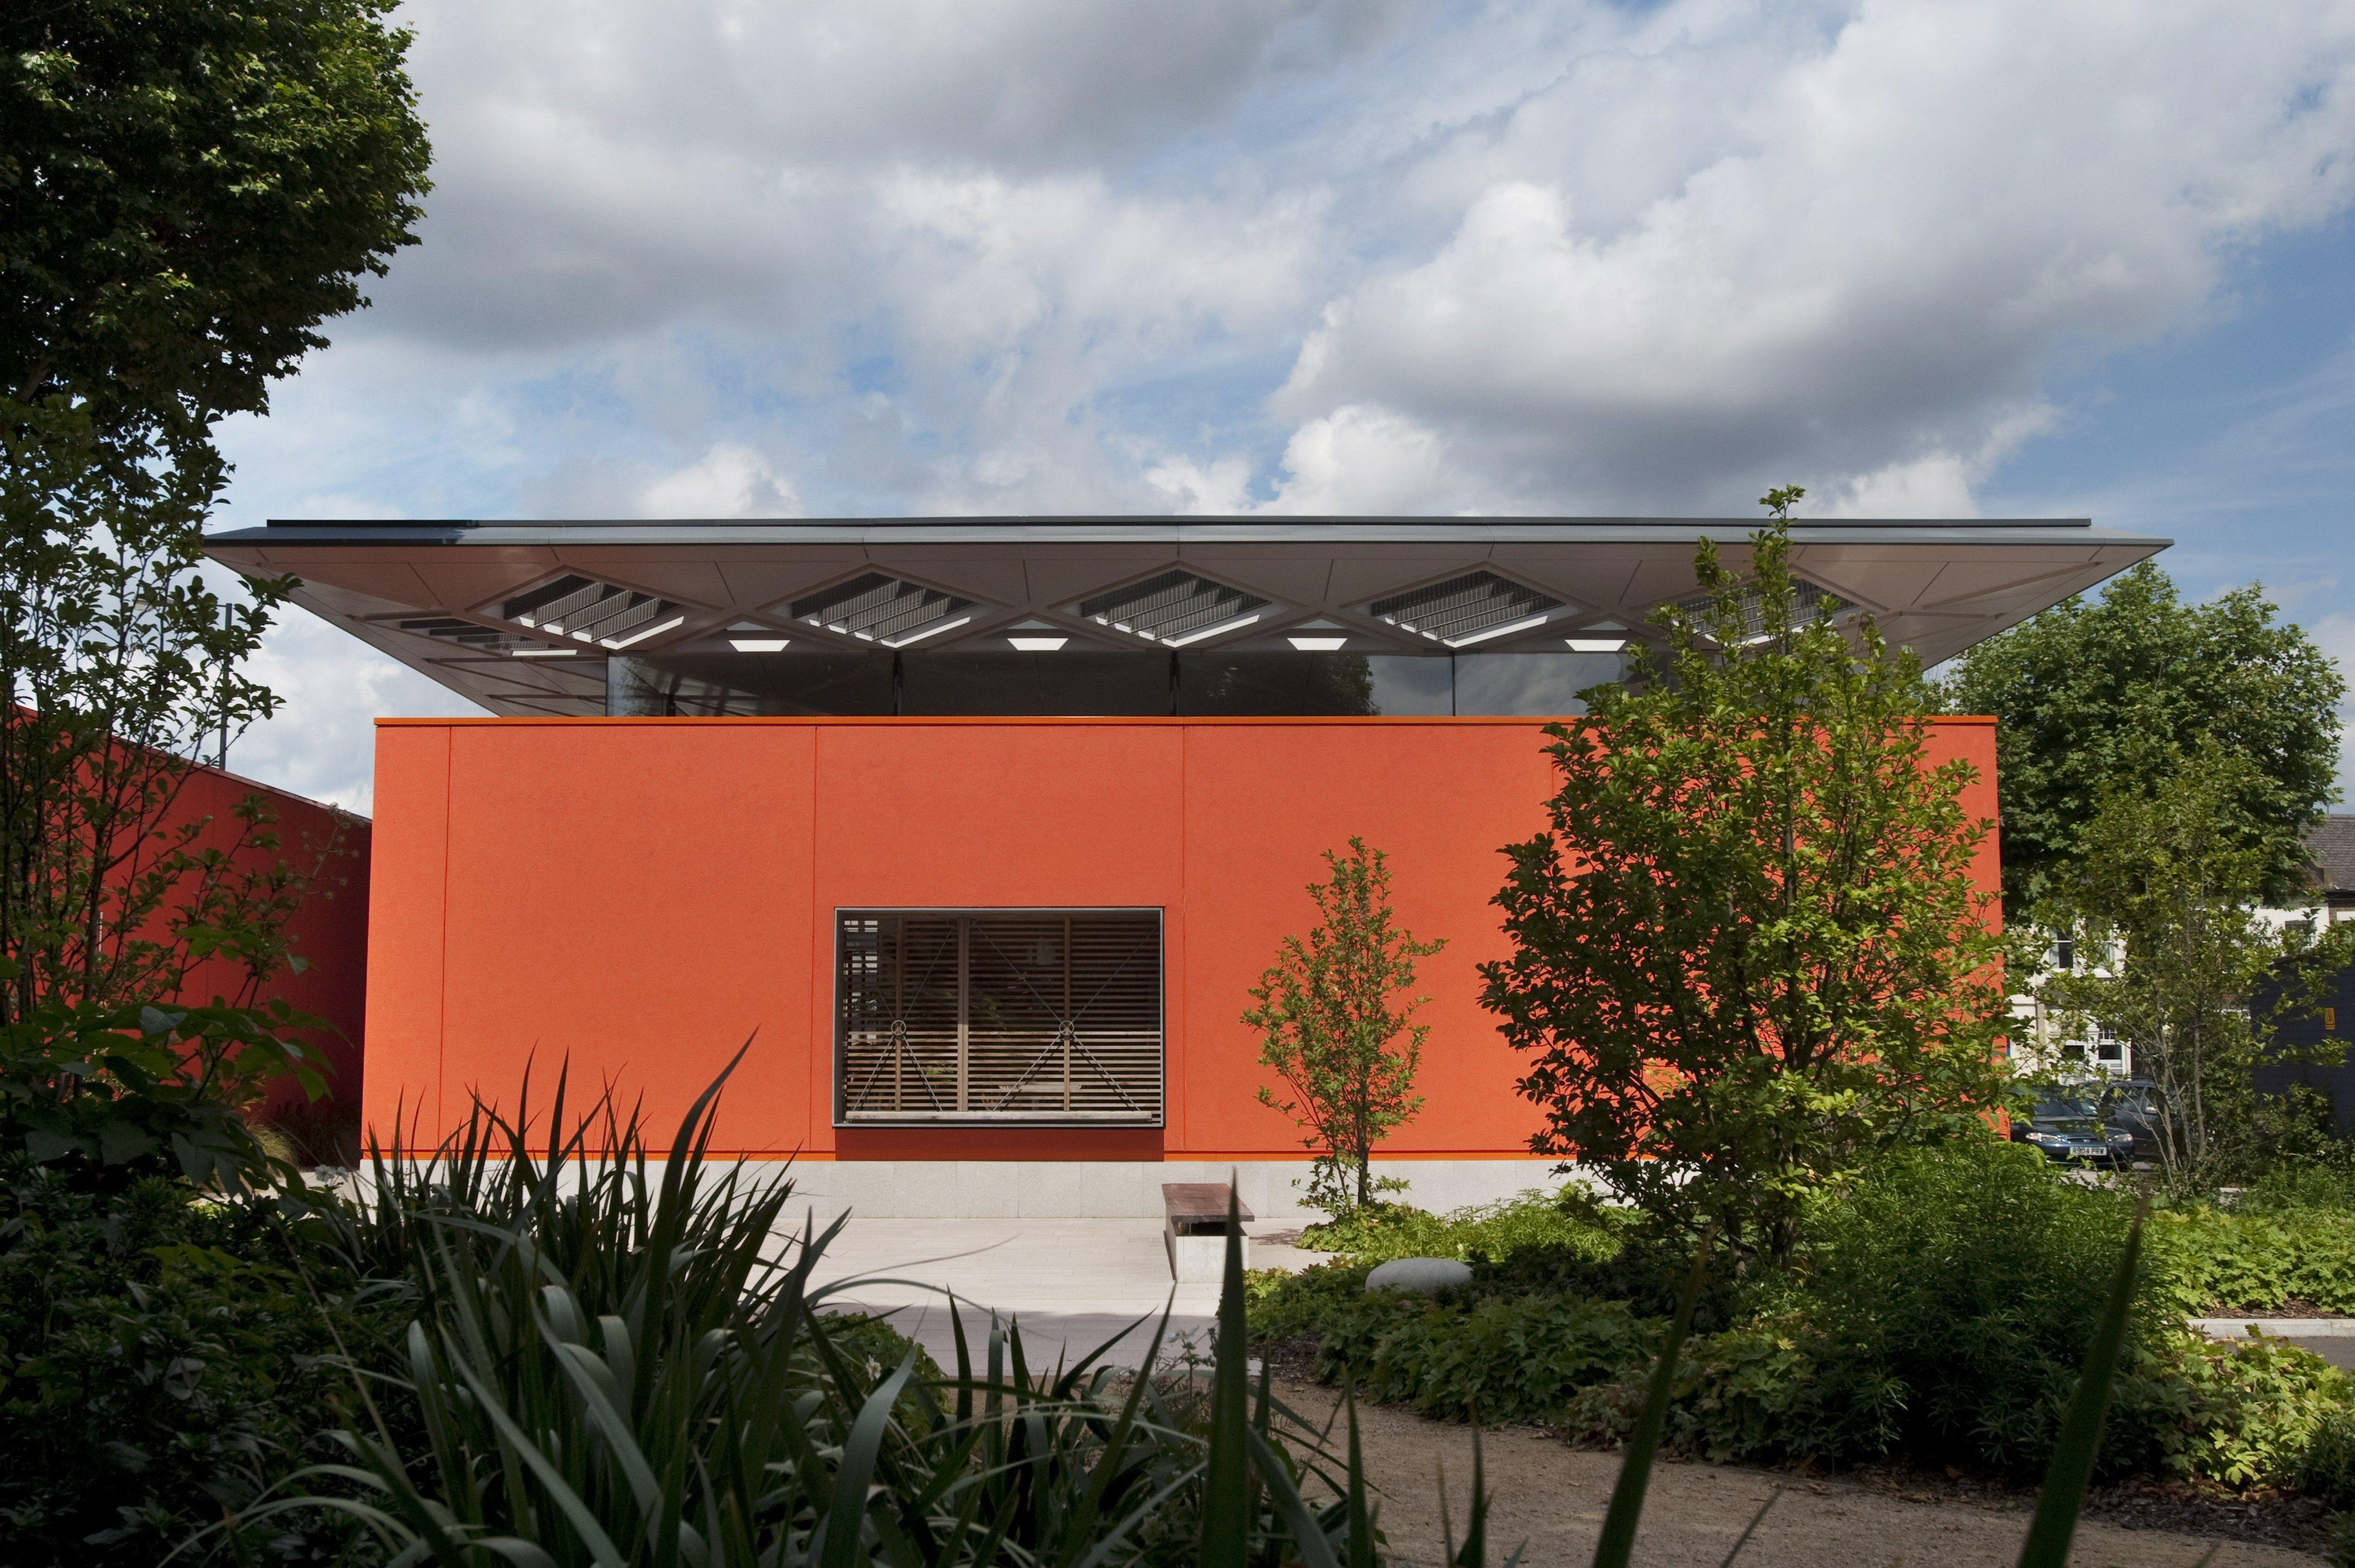 simple rectangular building facade, no windows, front door, curved roof